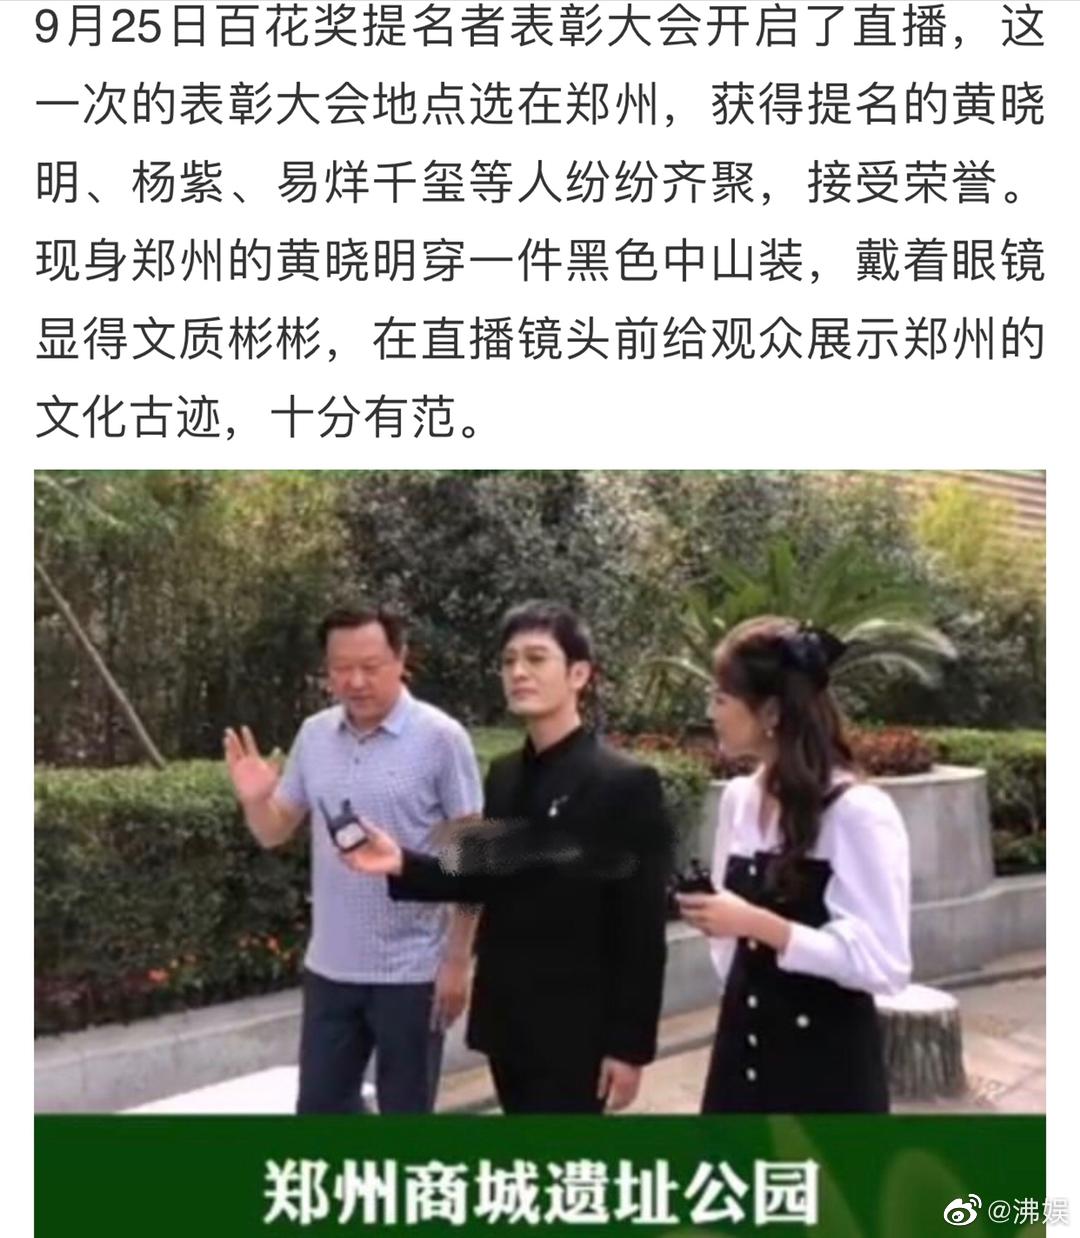 黄晓明百花奖影帝提名,Angelababy却漠不关心…疑夫妻感情再出问题